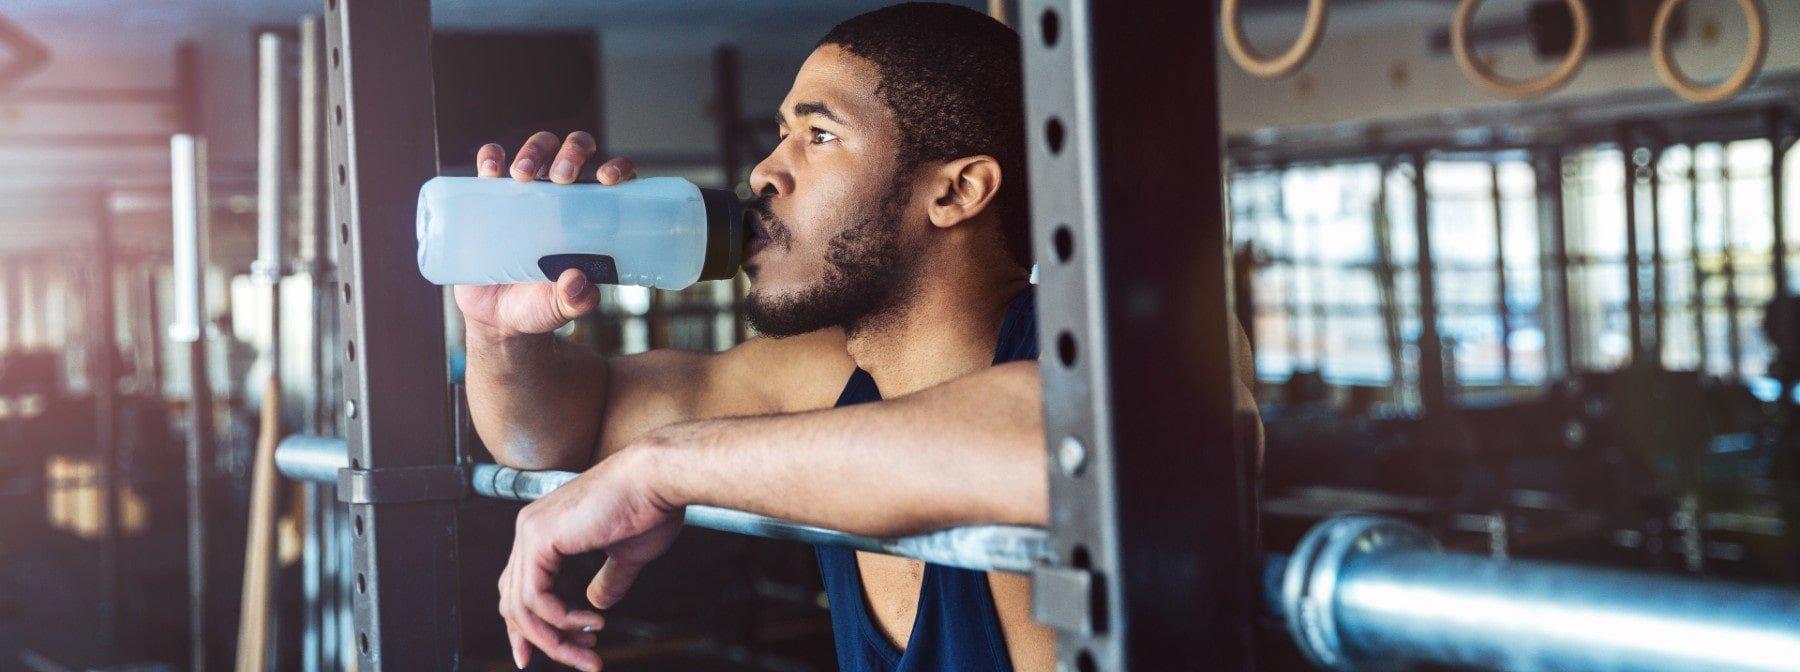 Beta-alanín | Aký má vplyv na výkon? Môže vám pomôcť prekonávať limity?